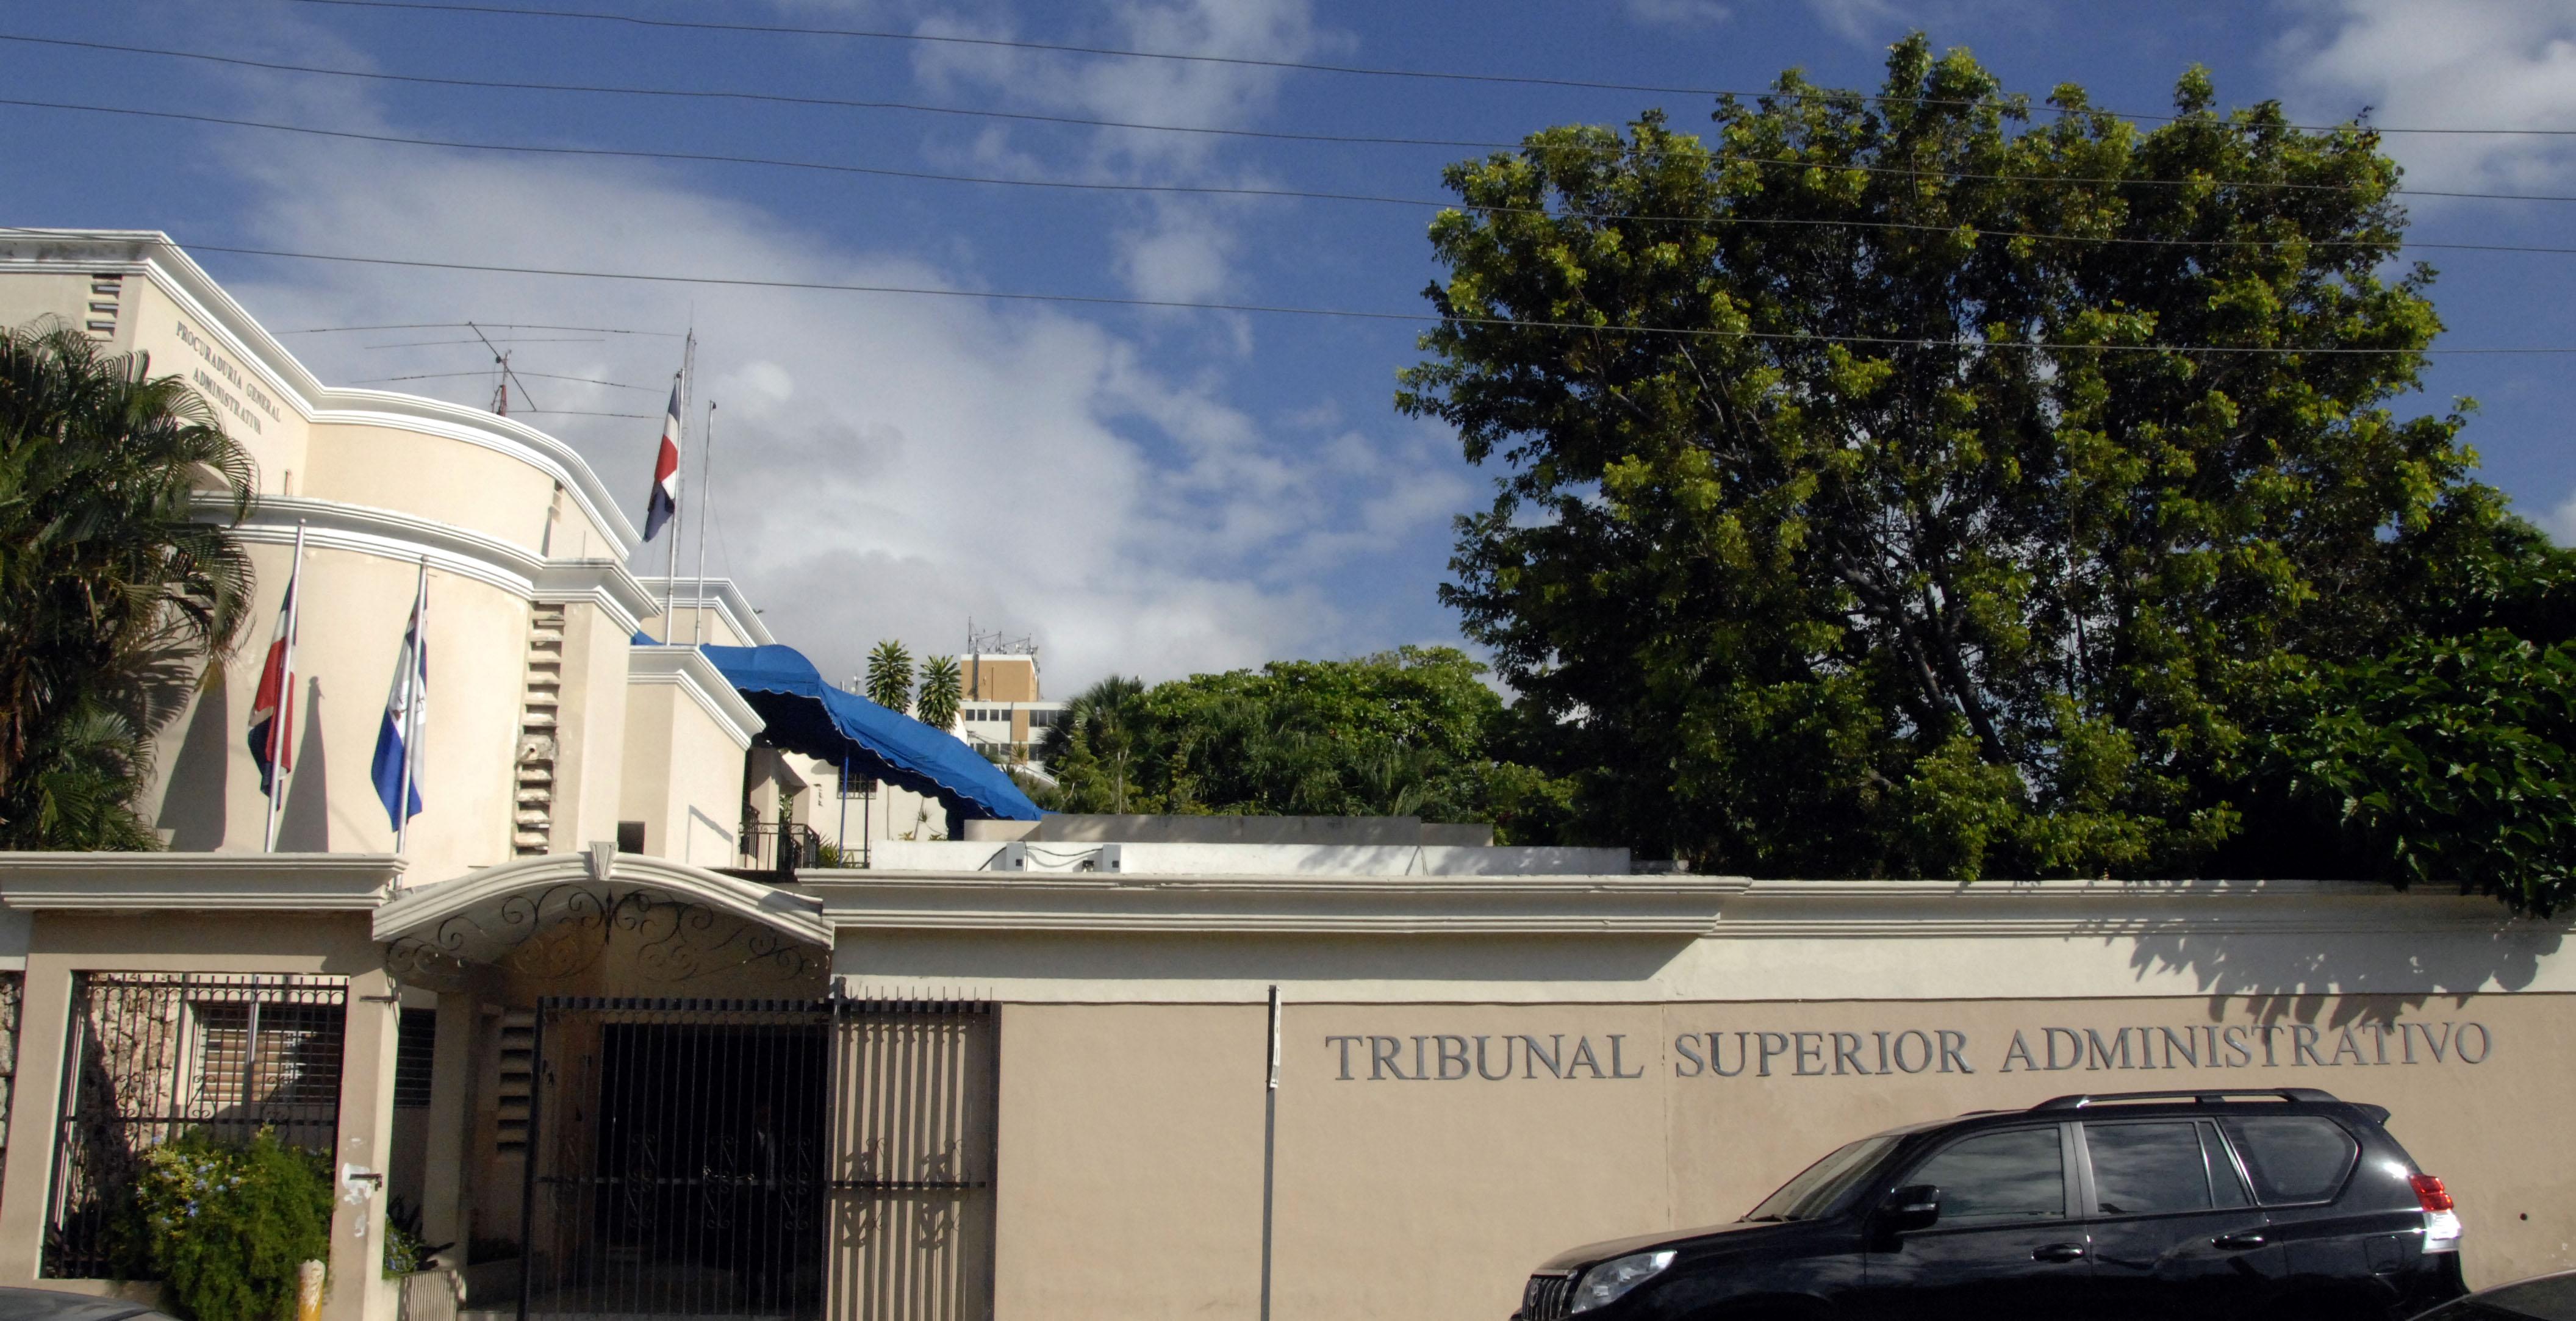 Tribunal Superior Administrativo.